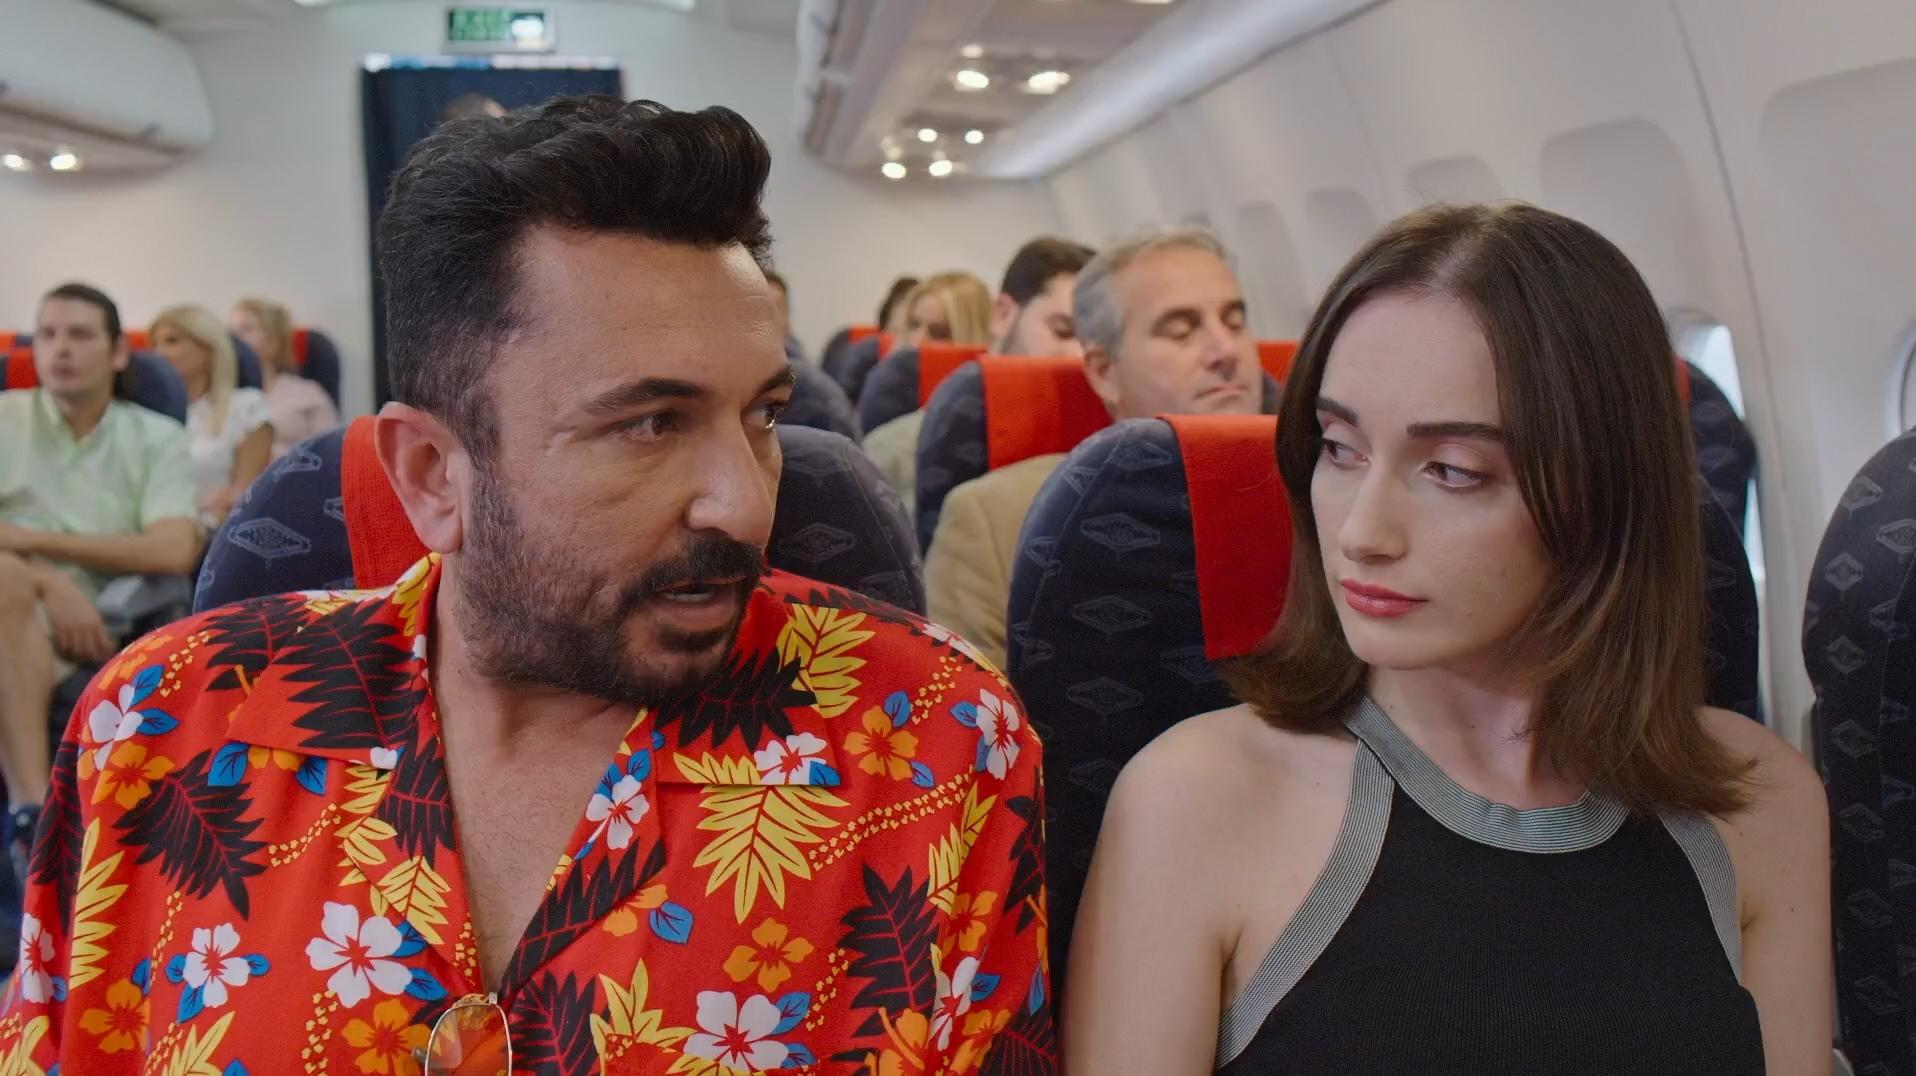 Hababam Sınıfı Kıbrıs'ta: Yaz Oyunları   2021   Yerli Film   WEB-DL   XviD   Sansürsüz   720p - 1080p - m720p - m1080p   WEB-DL   Tek Link